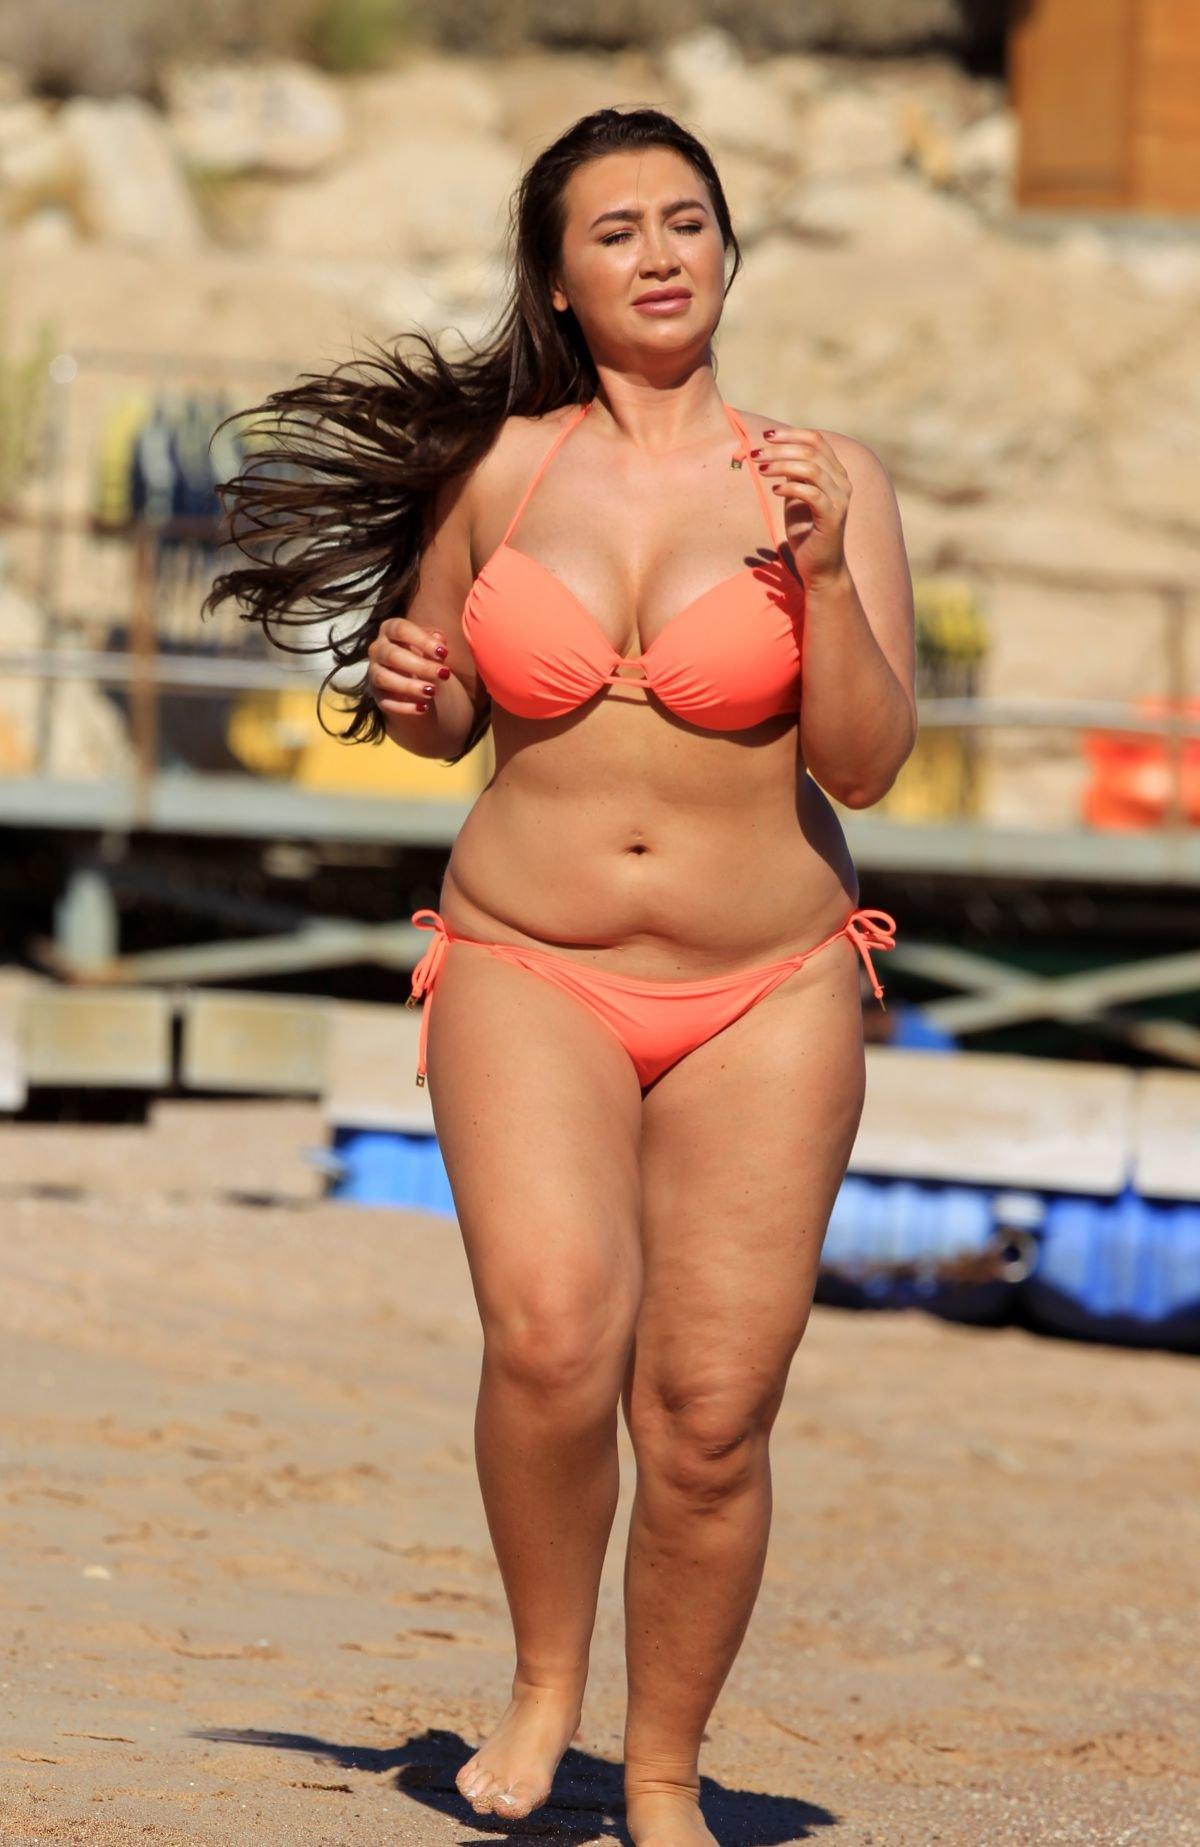 долго сможет фото бикини в толстушках пора